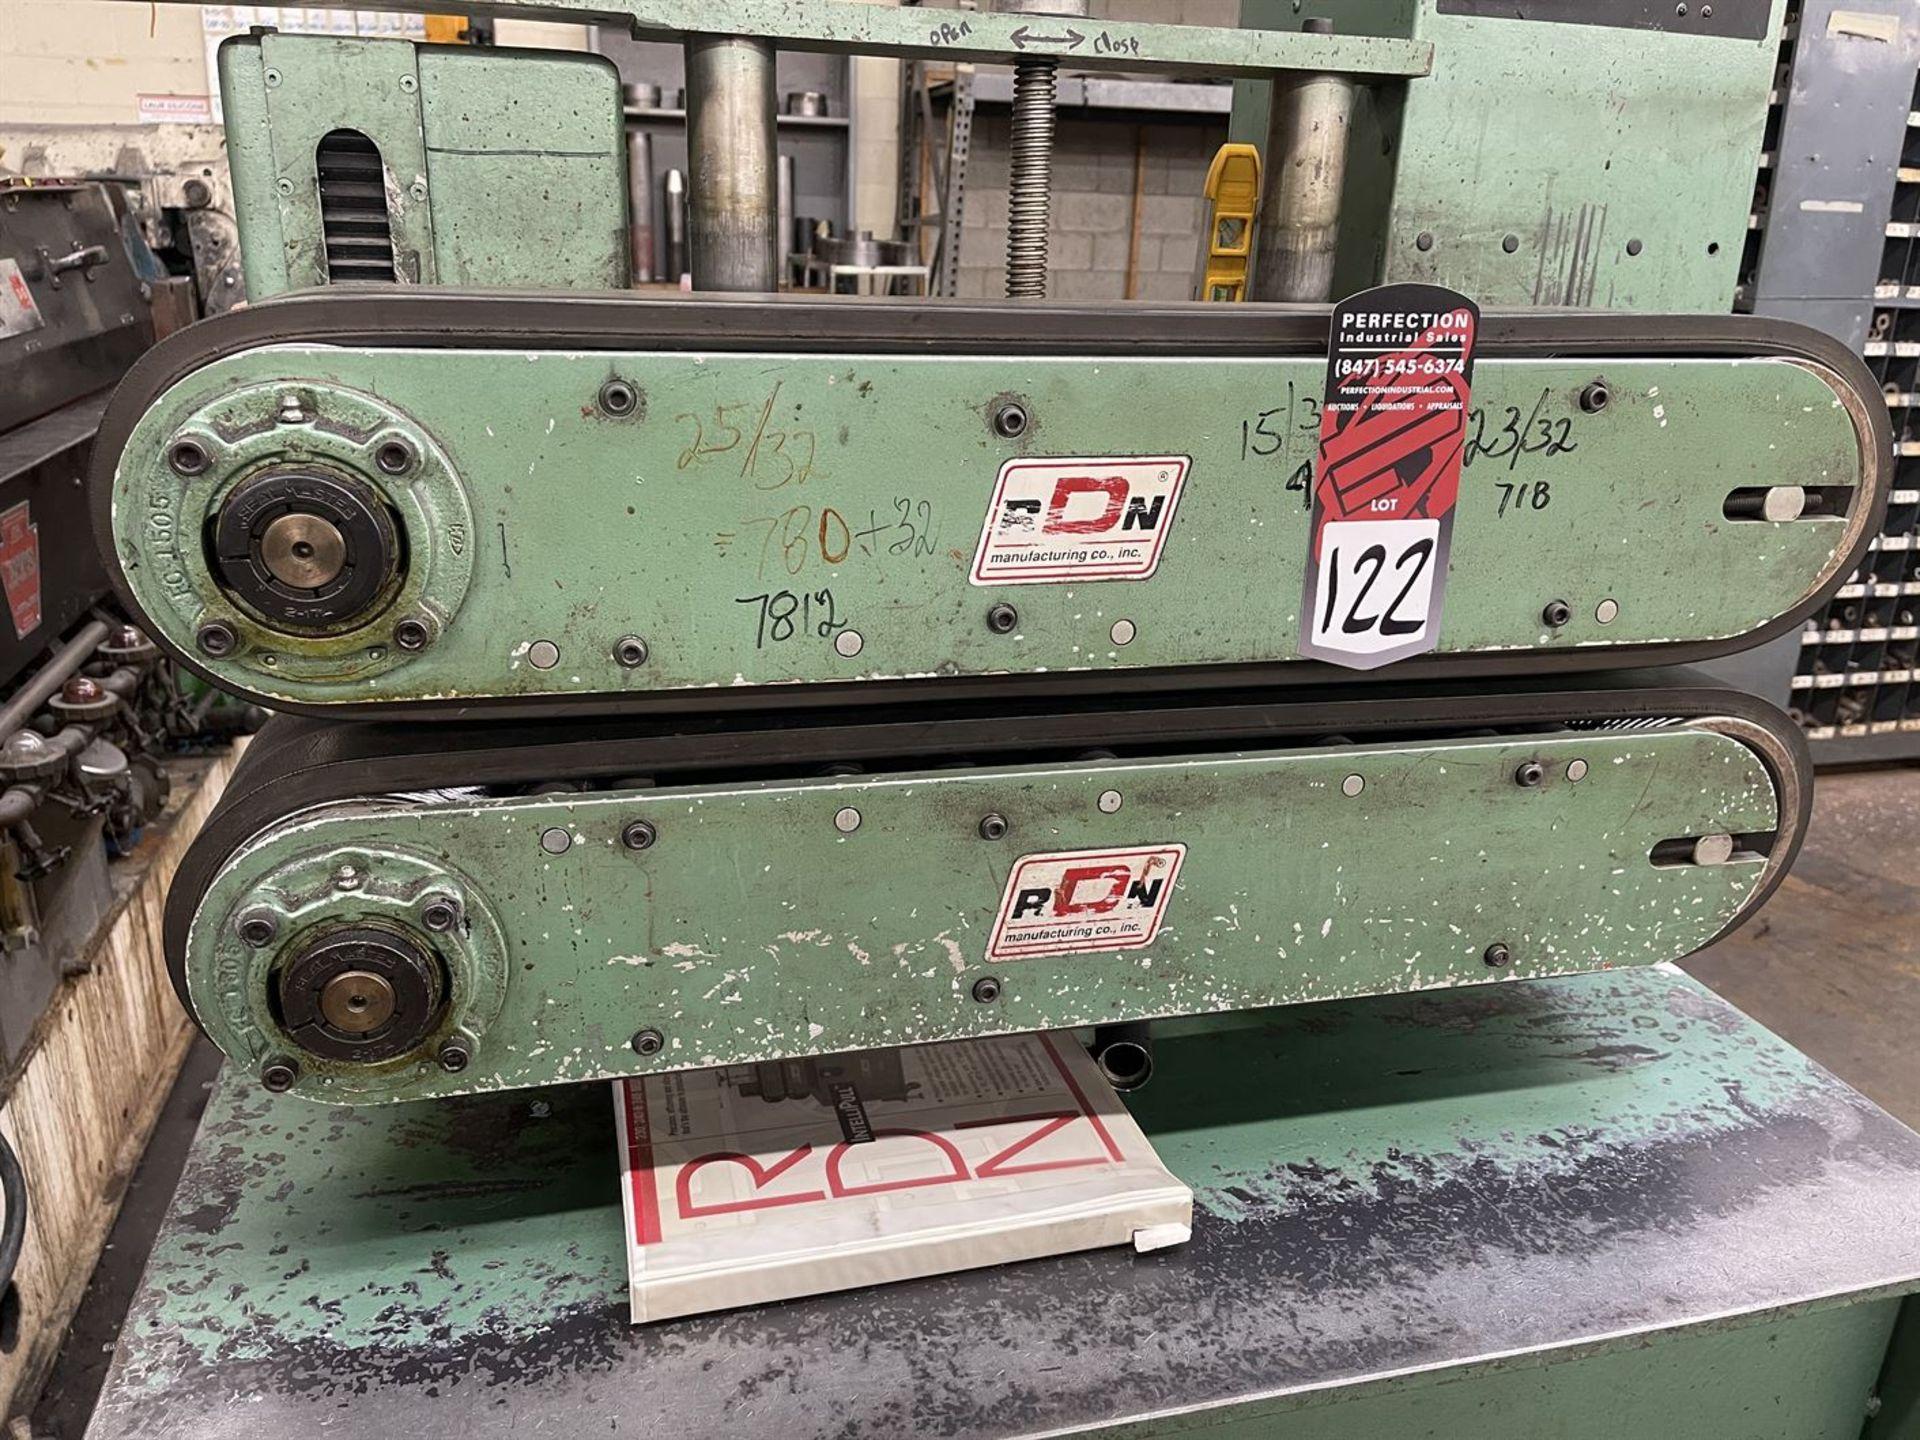 RDN 230-6 Puller, s/n 38241 - Image 4 of 6